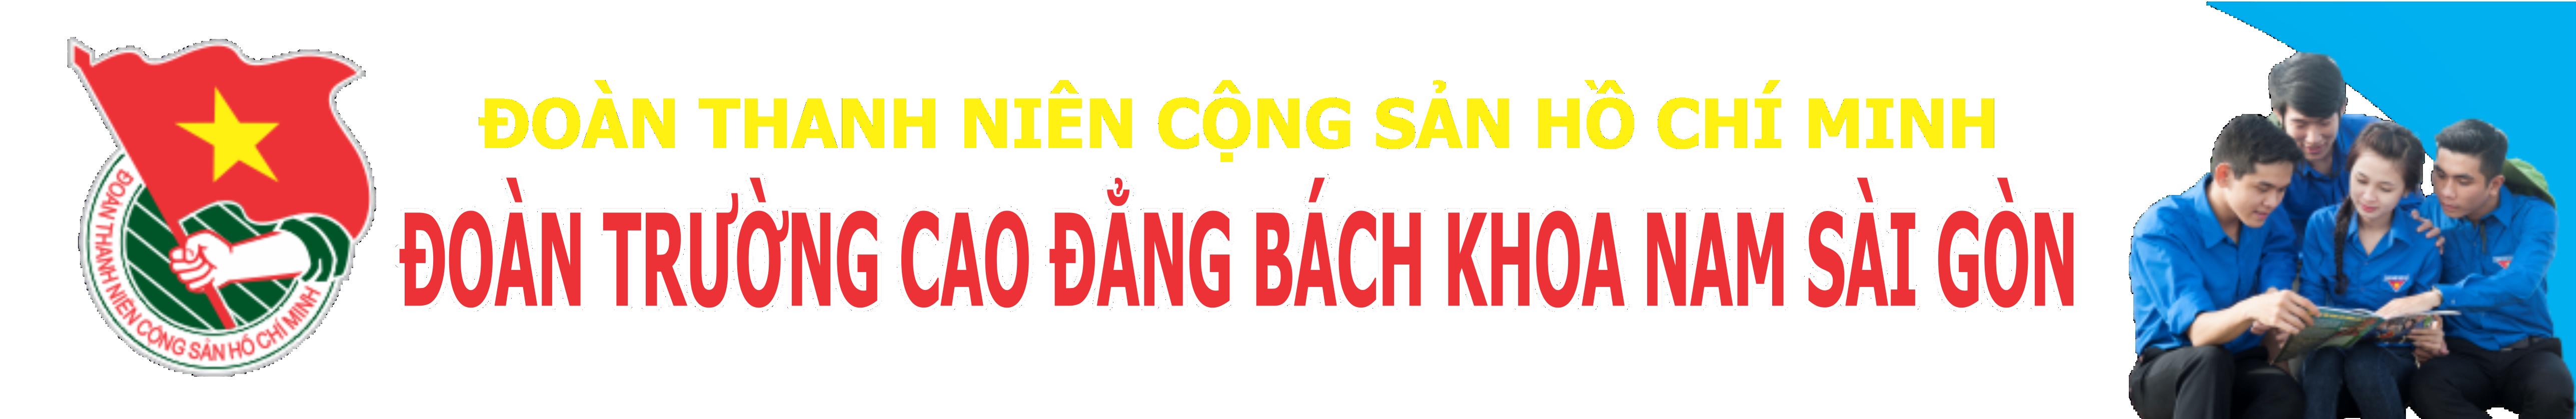 Cổng thông tin Đoàn Trường Nam Sài Gòn